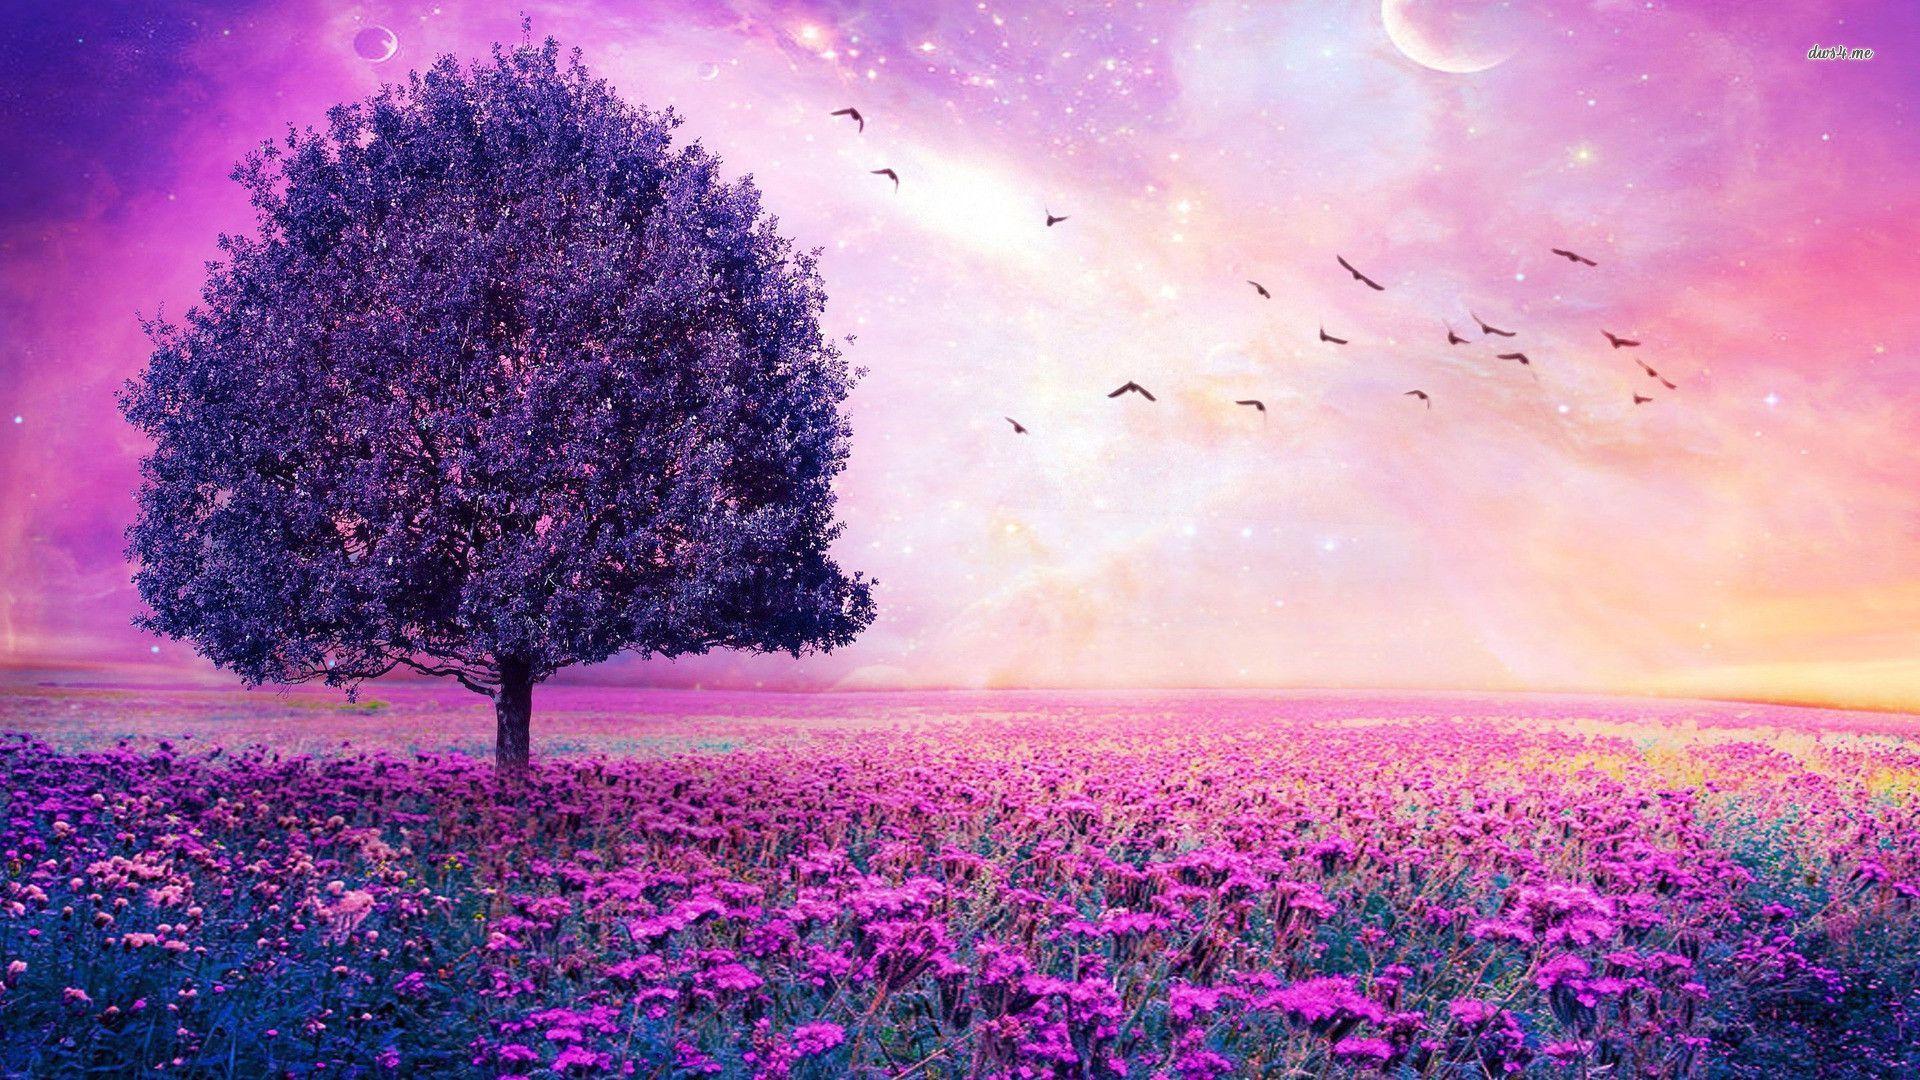 purple haze weed wallpaper hd